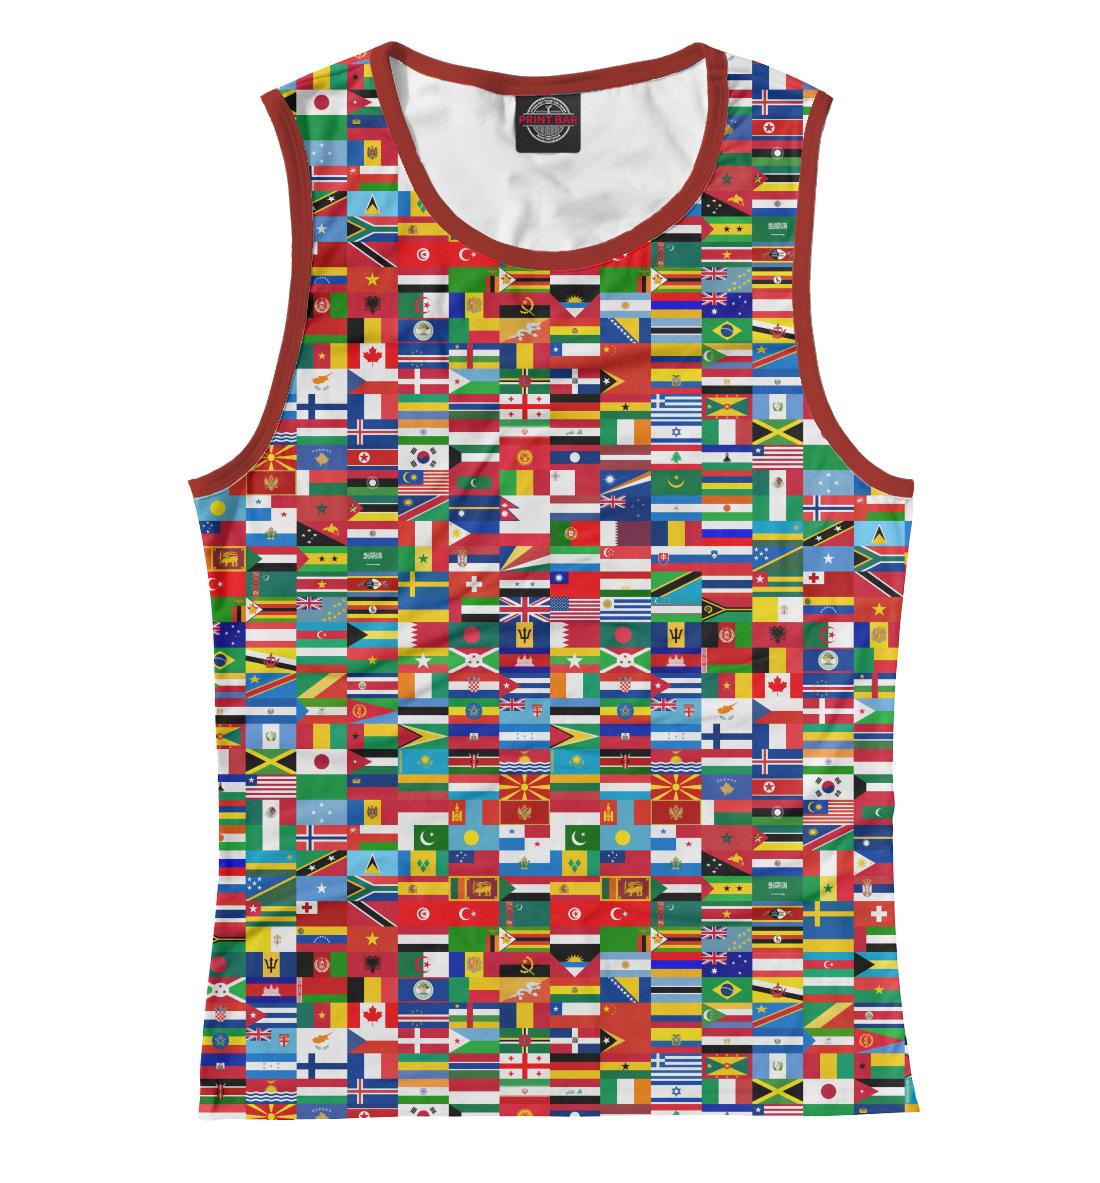 Купить Флаги мира, Printbar, Майки, HIP-570419-may-1